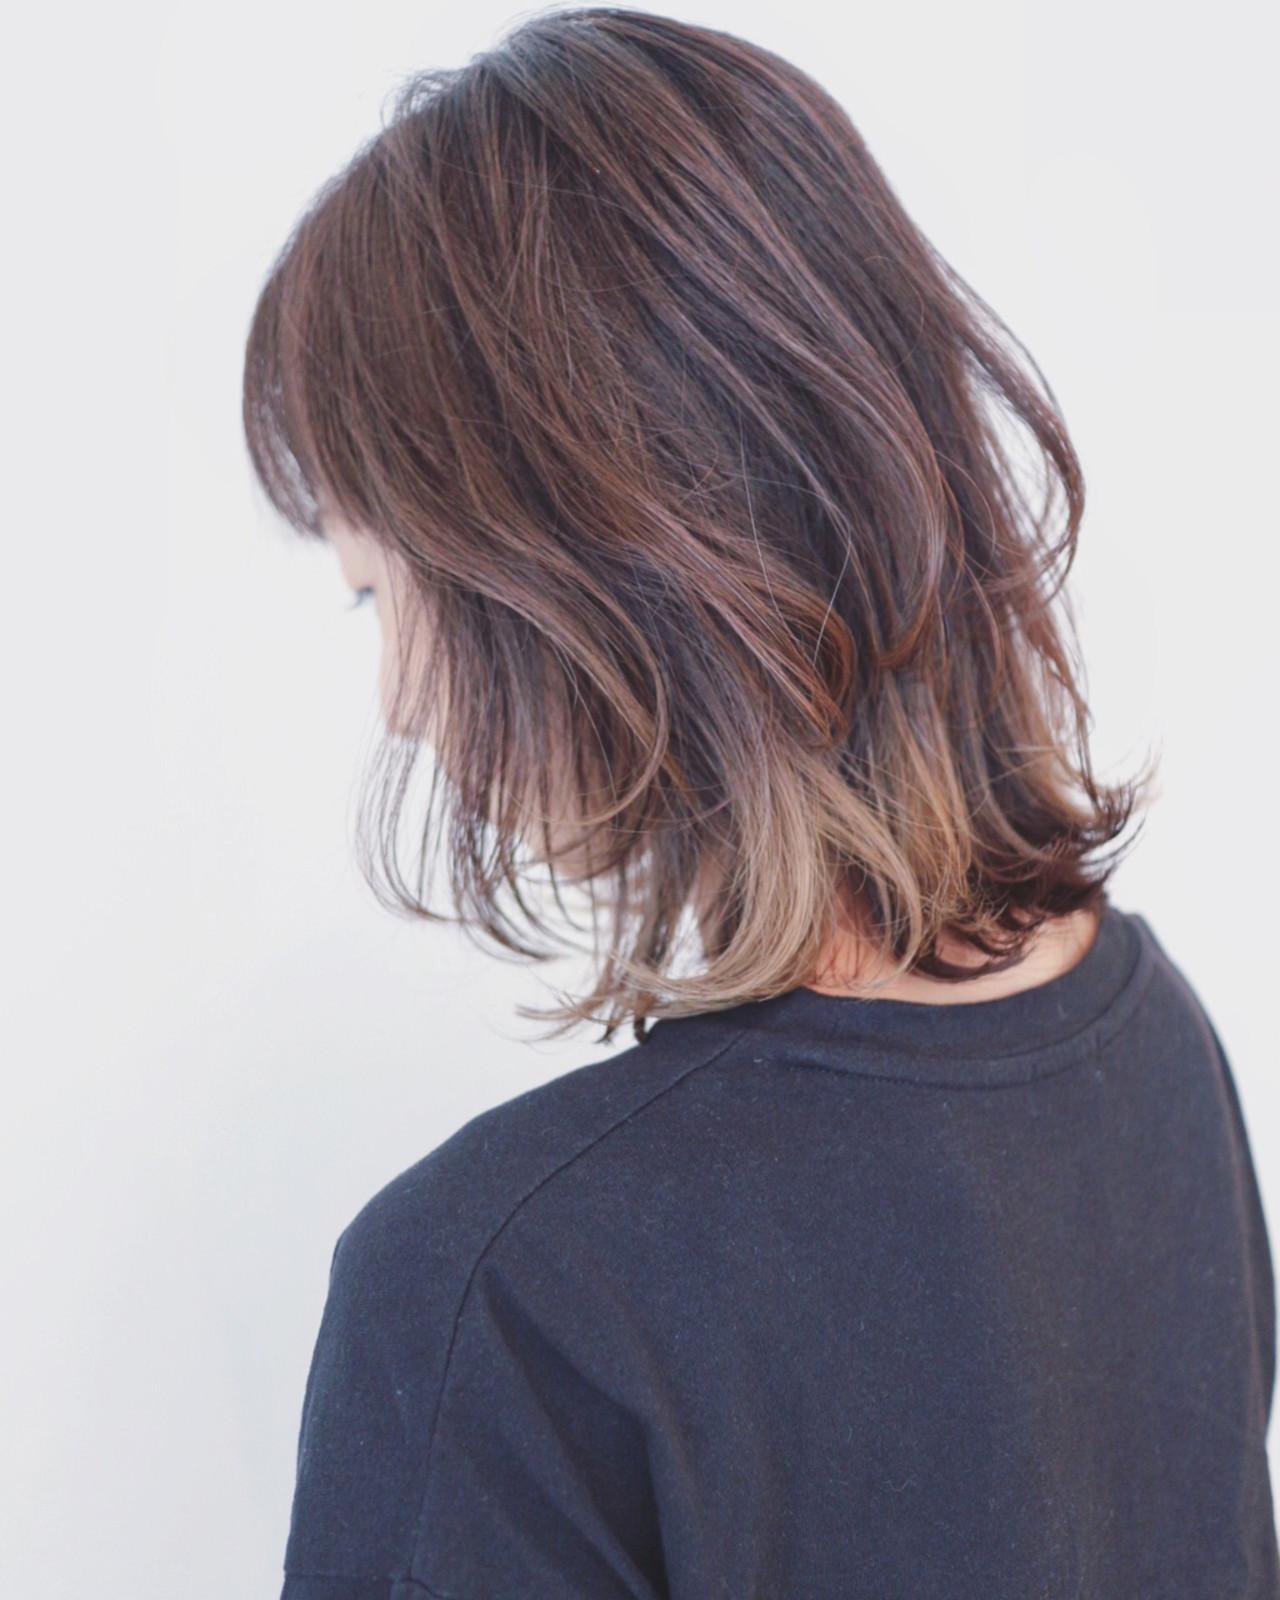 ボブヘアのグラデーションカラー 三好 佳奈美